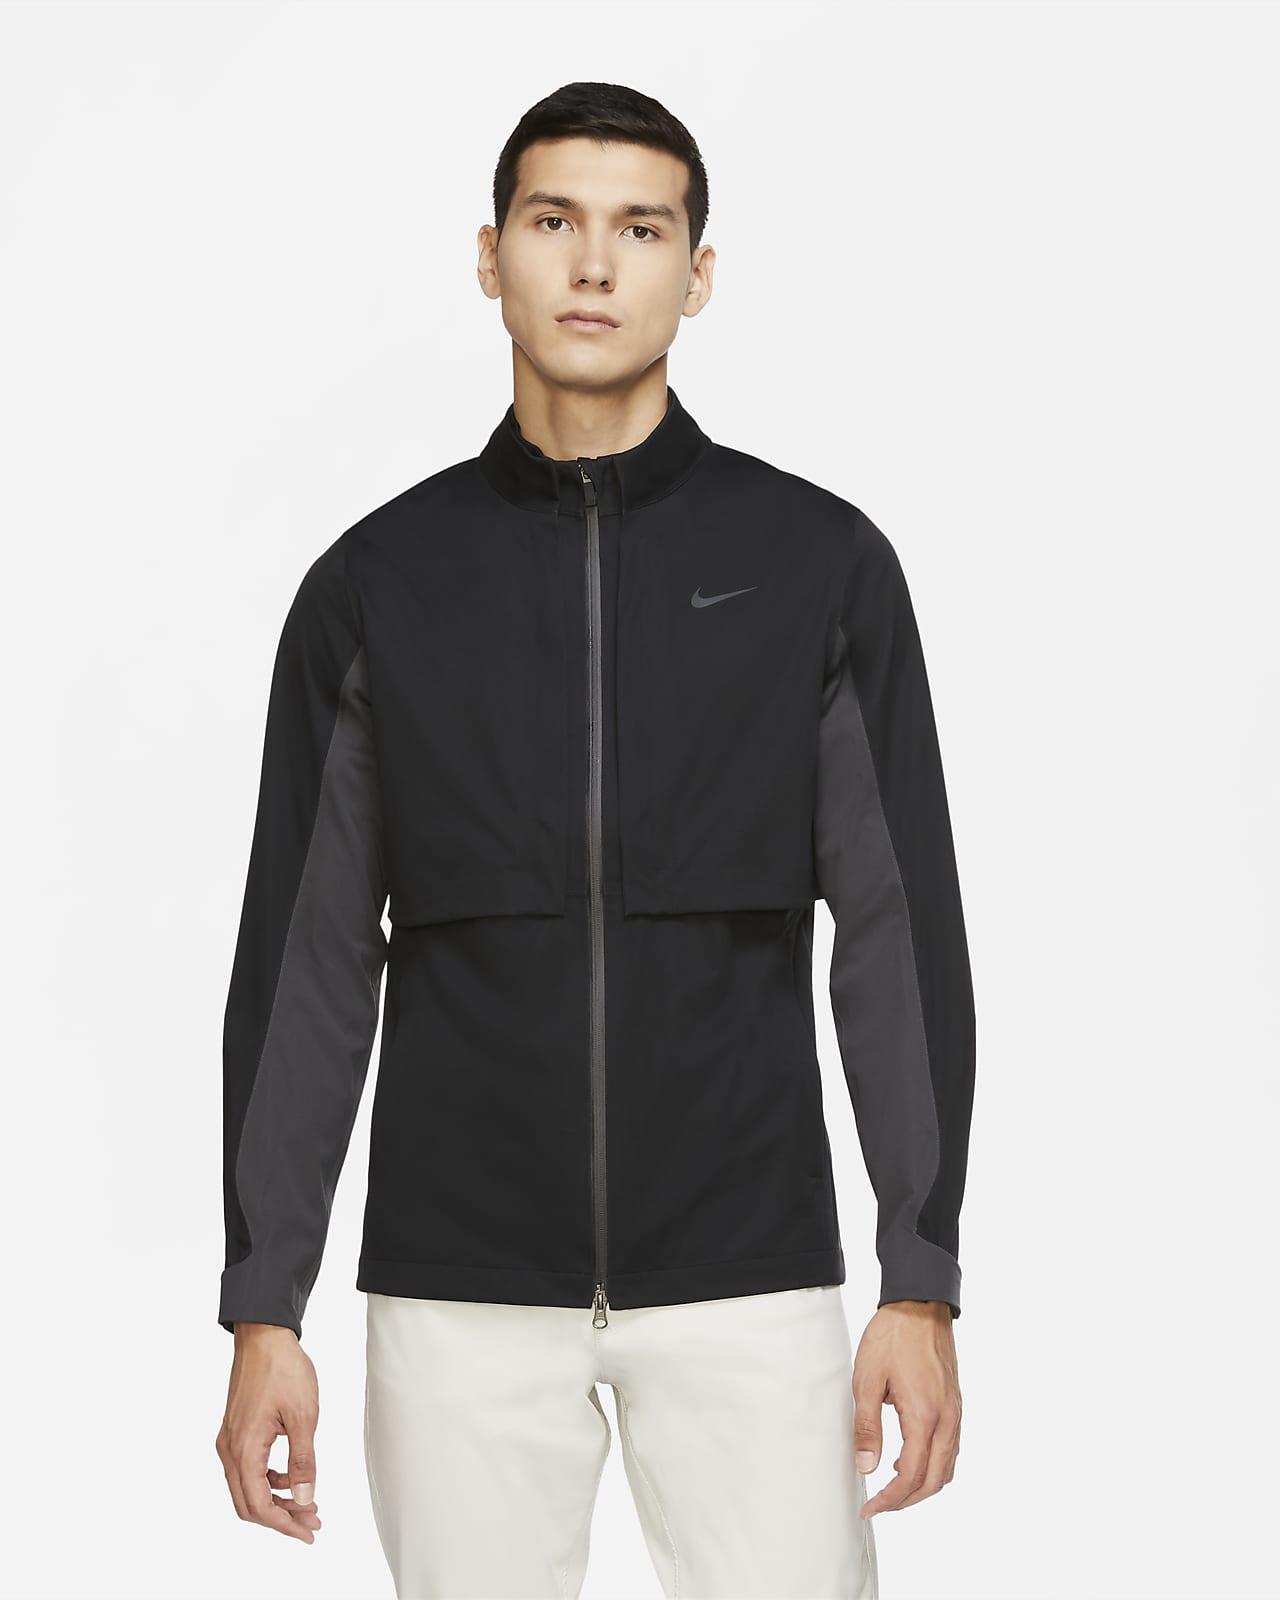 Мужская куртка с универсальной конструкцией для гольфа Nike HyperShield Rapid Adapt